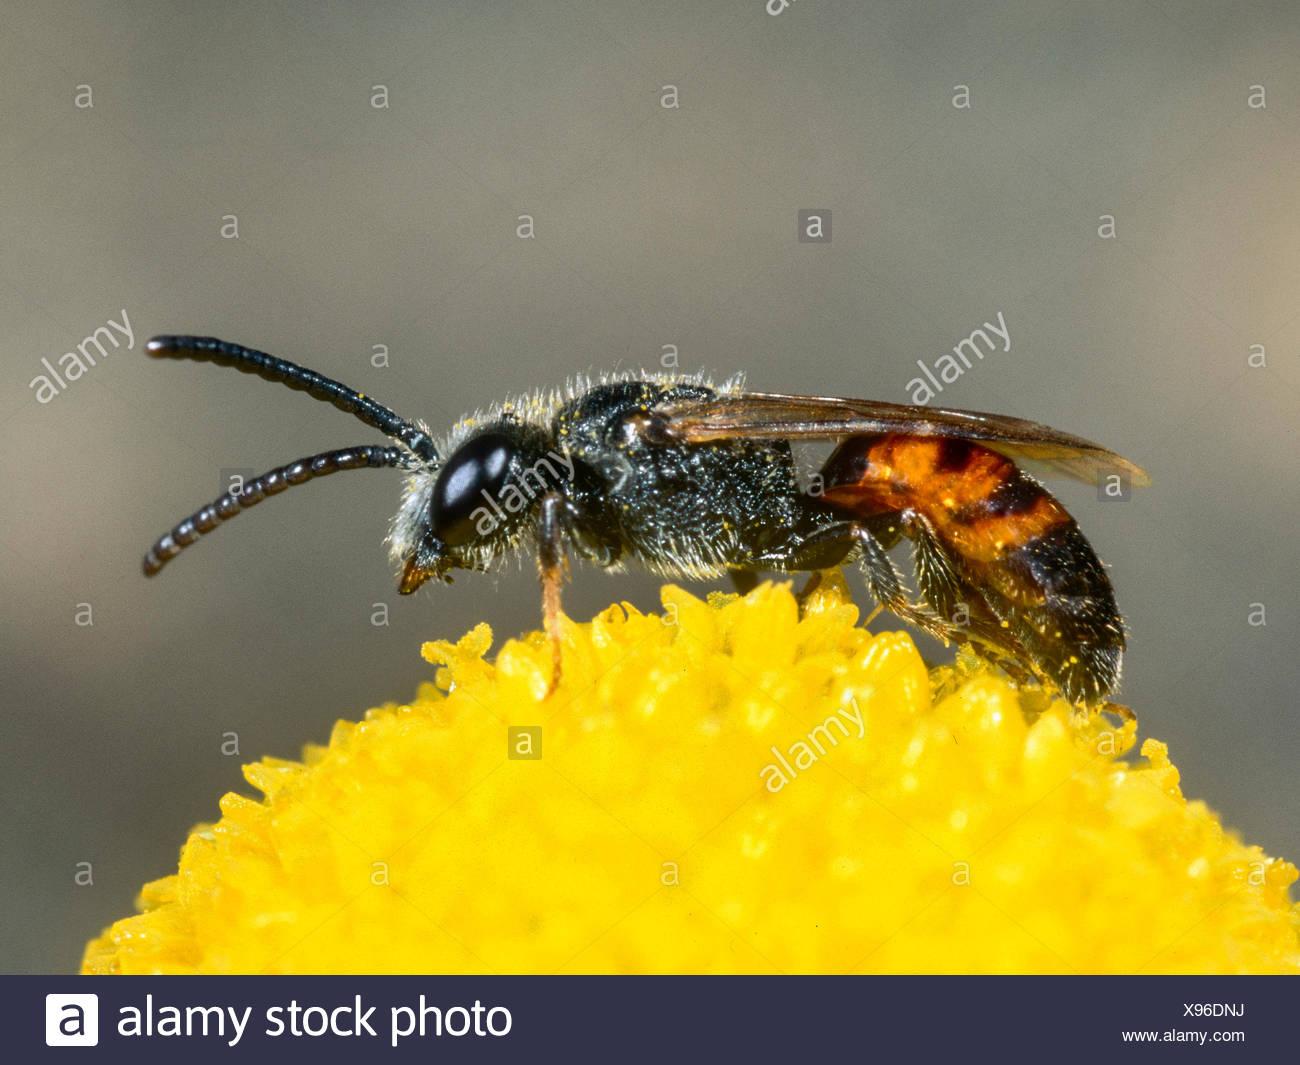 Blutbiene, Sphecodes crassus (Sphecodes crassus), Maennchen bei der Nektaraufnahme auf Echter Kamille (Matricaria chamomilla), D - Stock Image